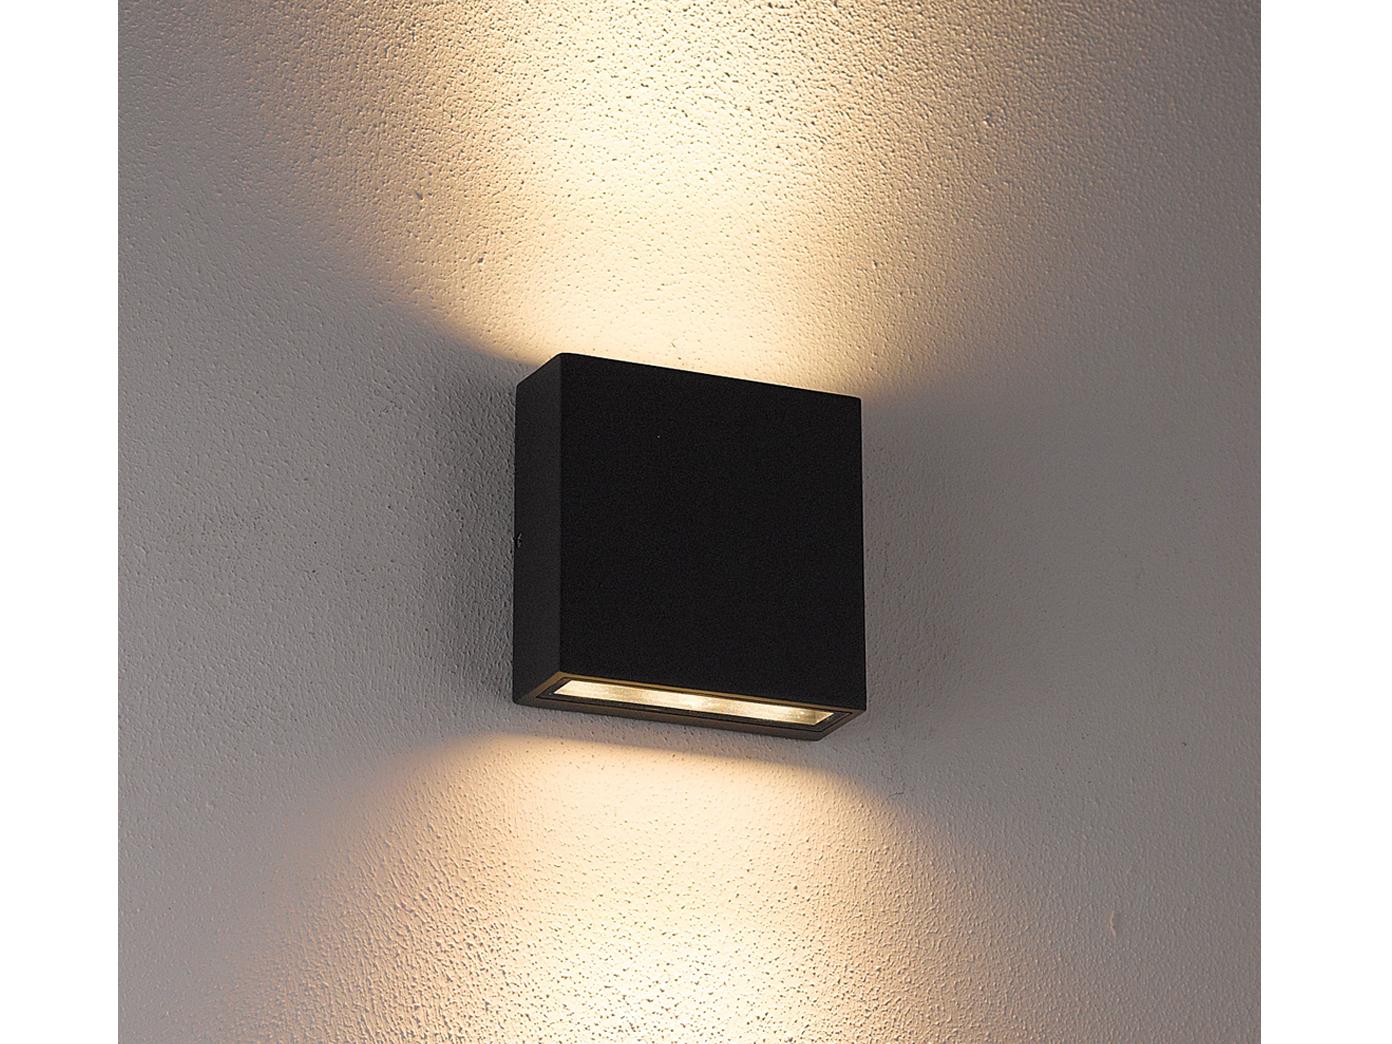 led au en wandleuchte thames anthrazit up down 2 x 3 watt ip54 ebay. Black Bedroom Furniture Sets. Home Design Ideas